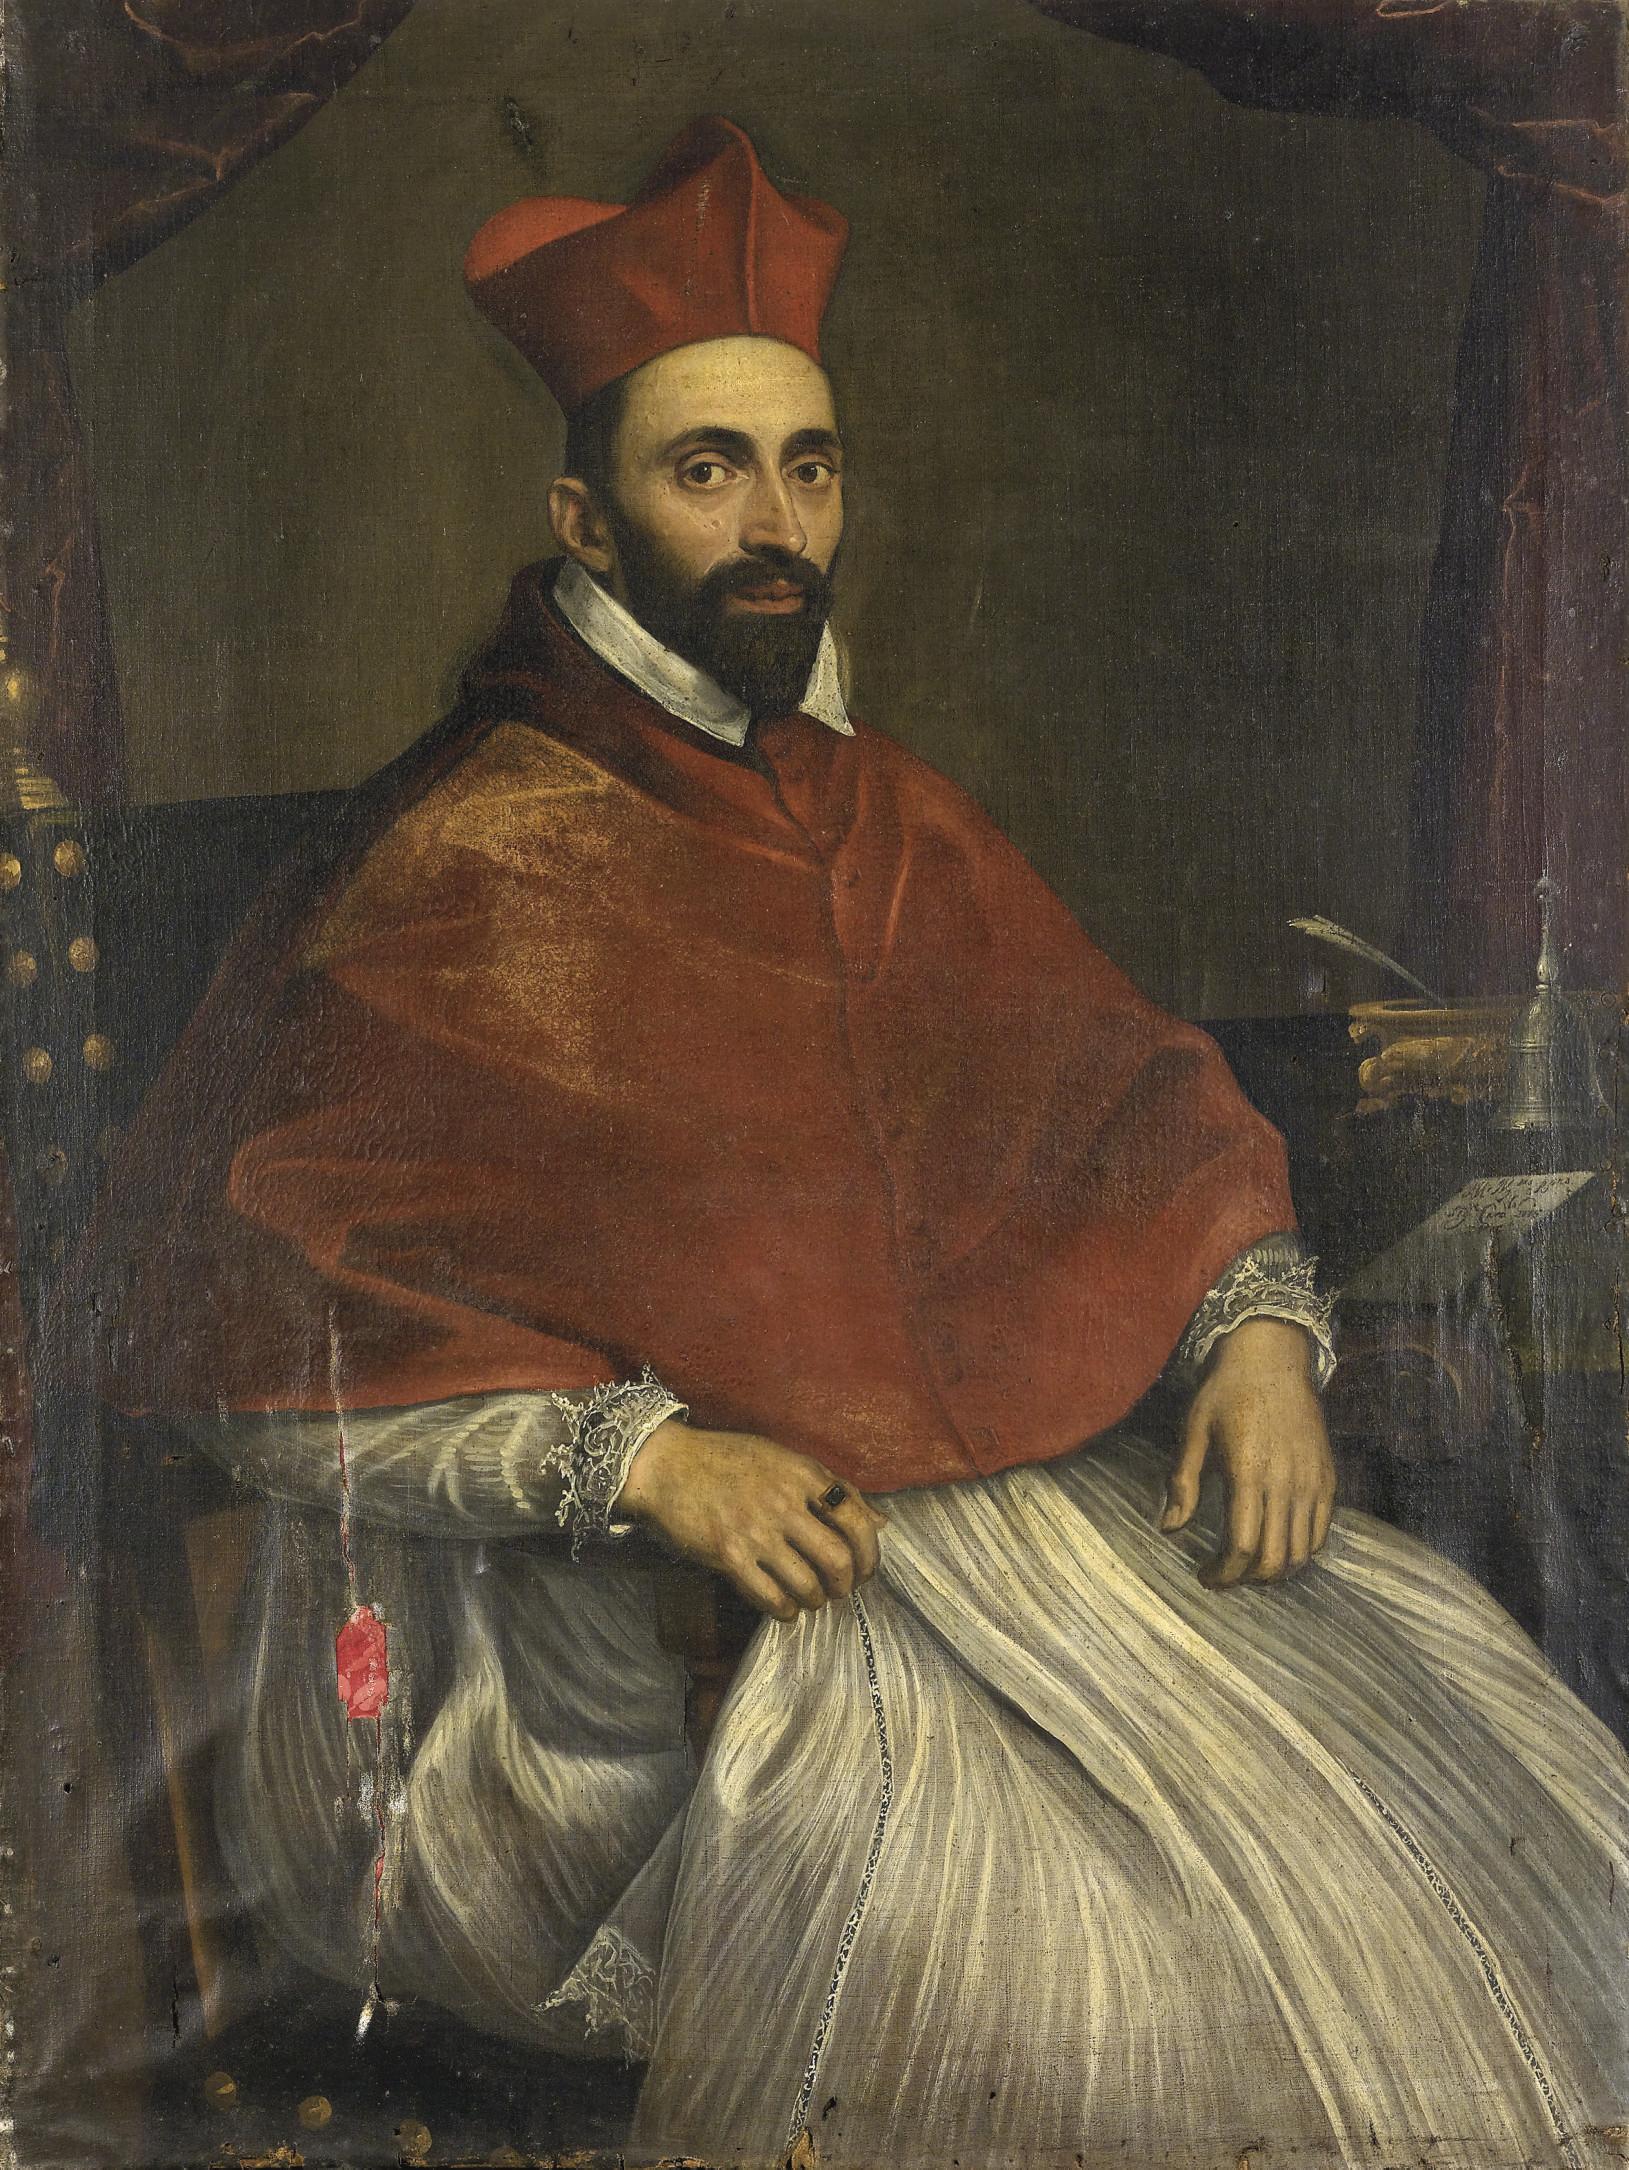 Ritratto del Cardinale Ghislieri, in poltrona, presso uno scrittoio